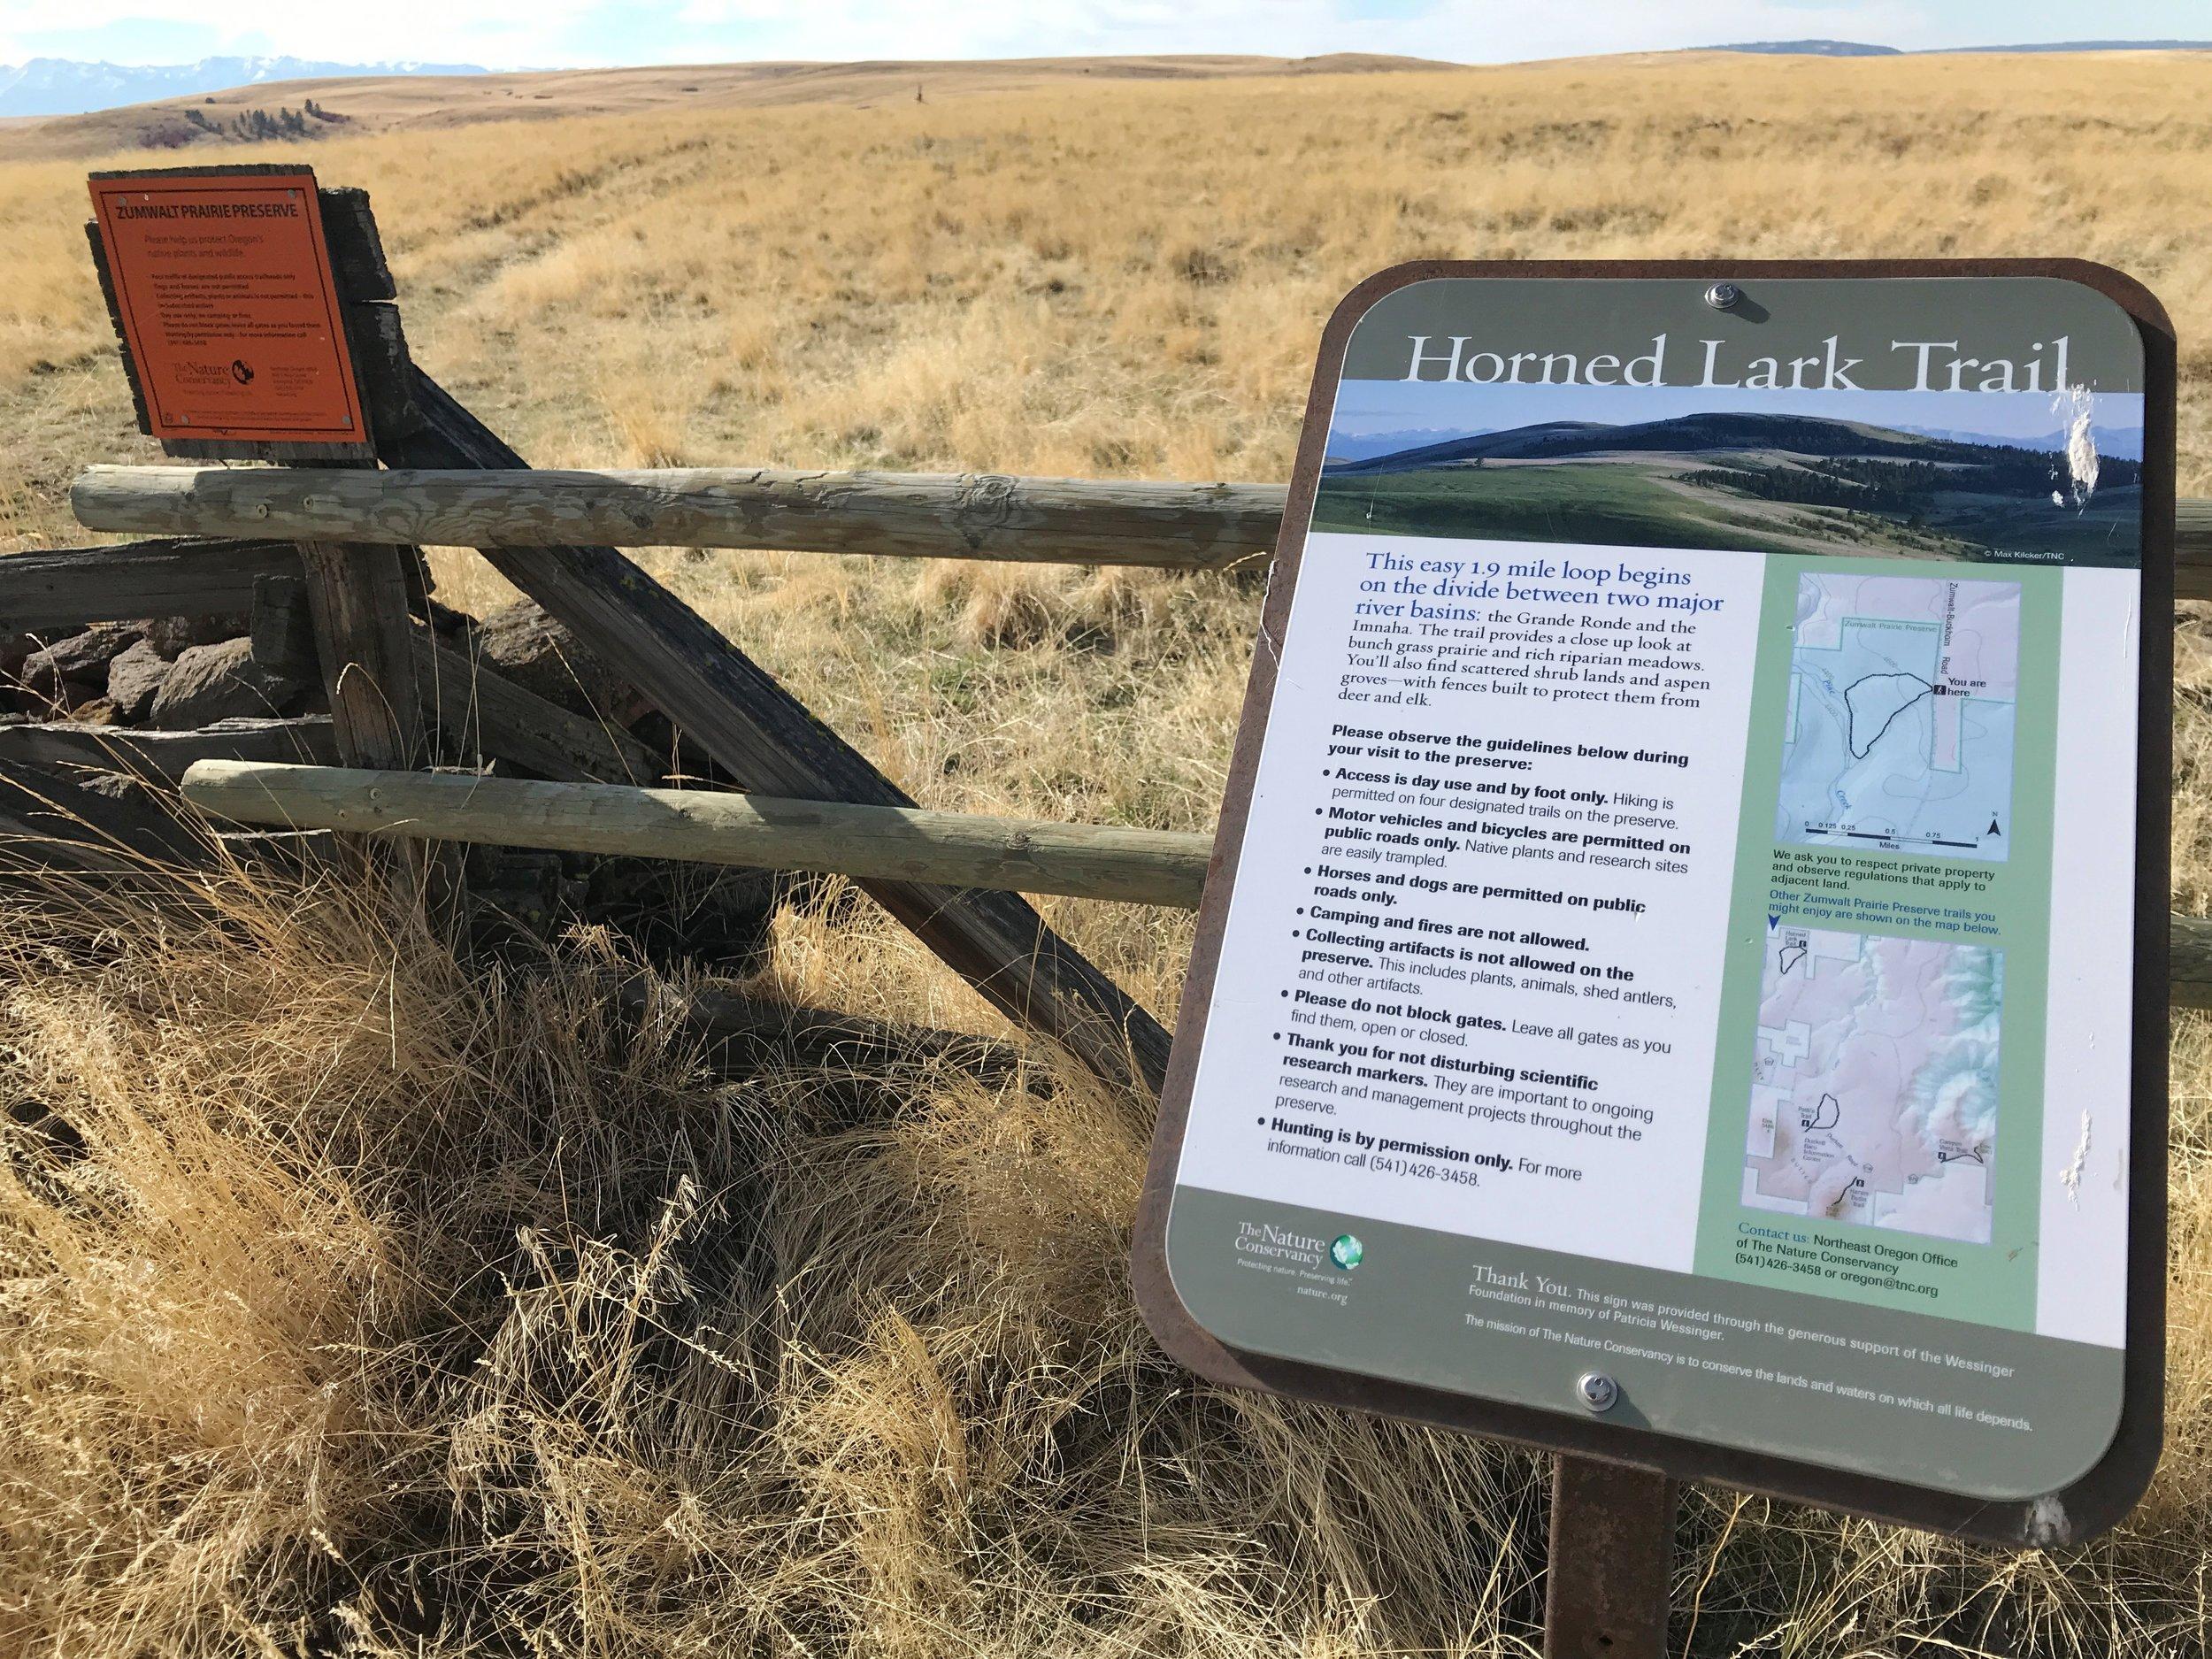 2017-10-25 13.23.43 Horned Lark Trail.jpg